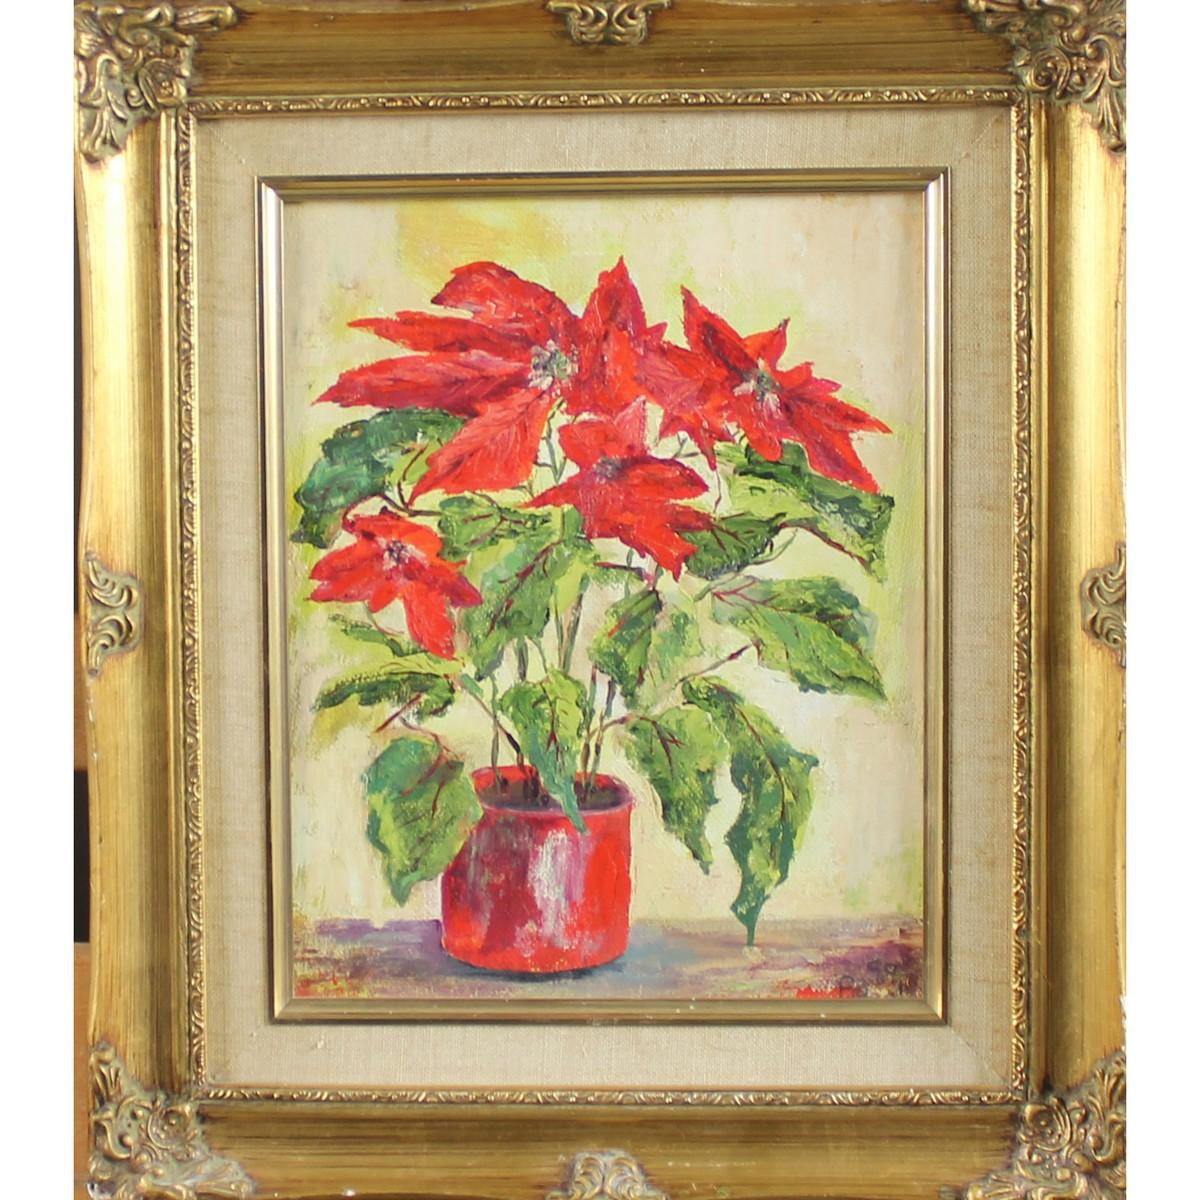 Lot 47 - Beal, Brenda Twentieth Century British AR, Poinsettia